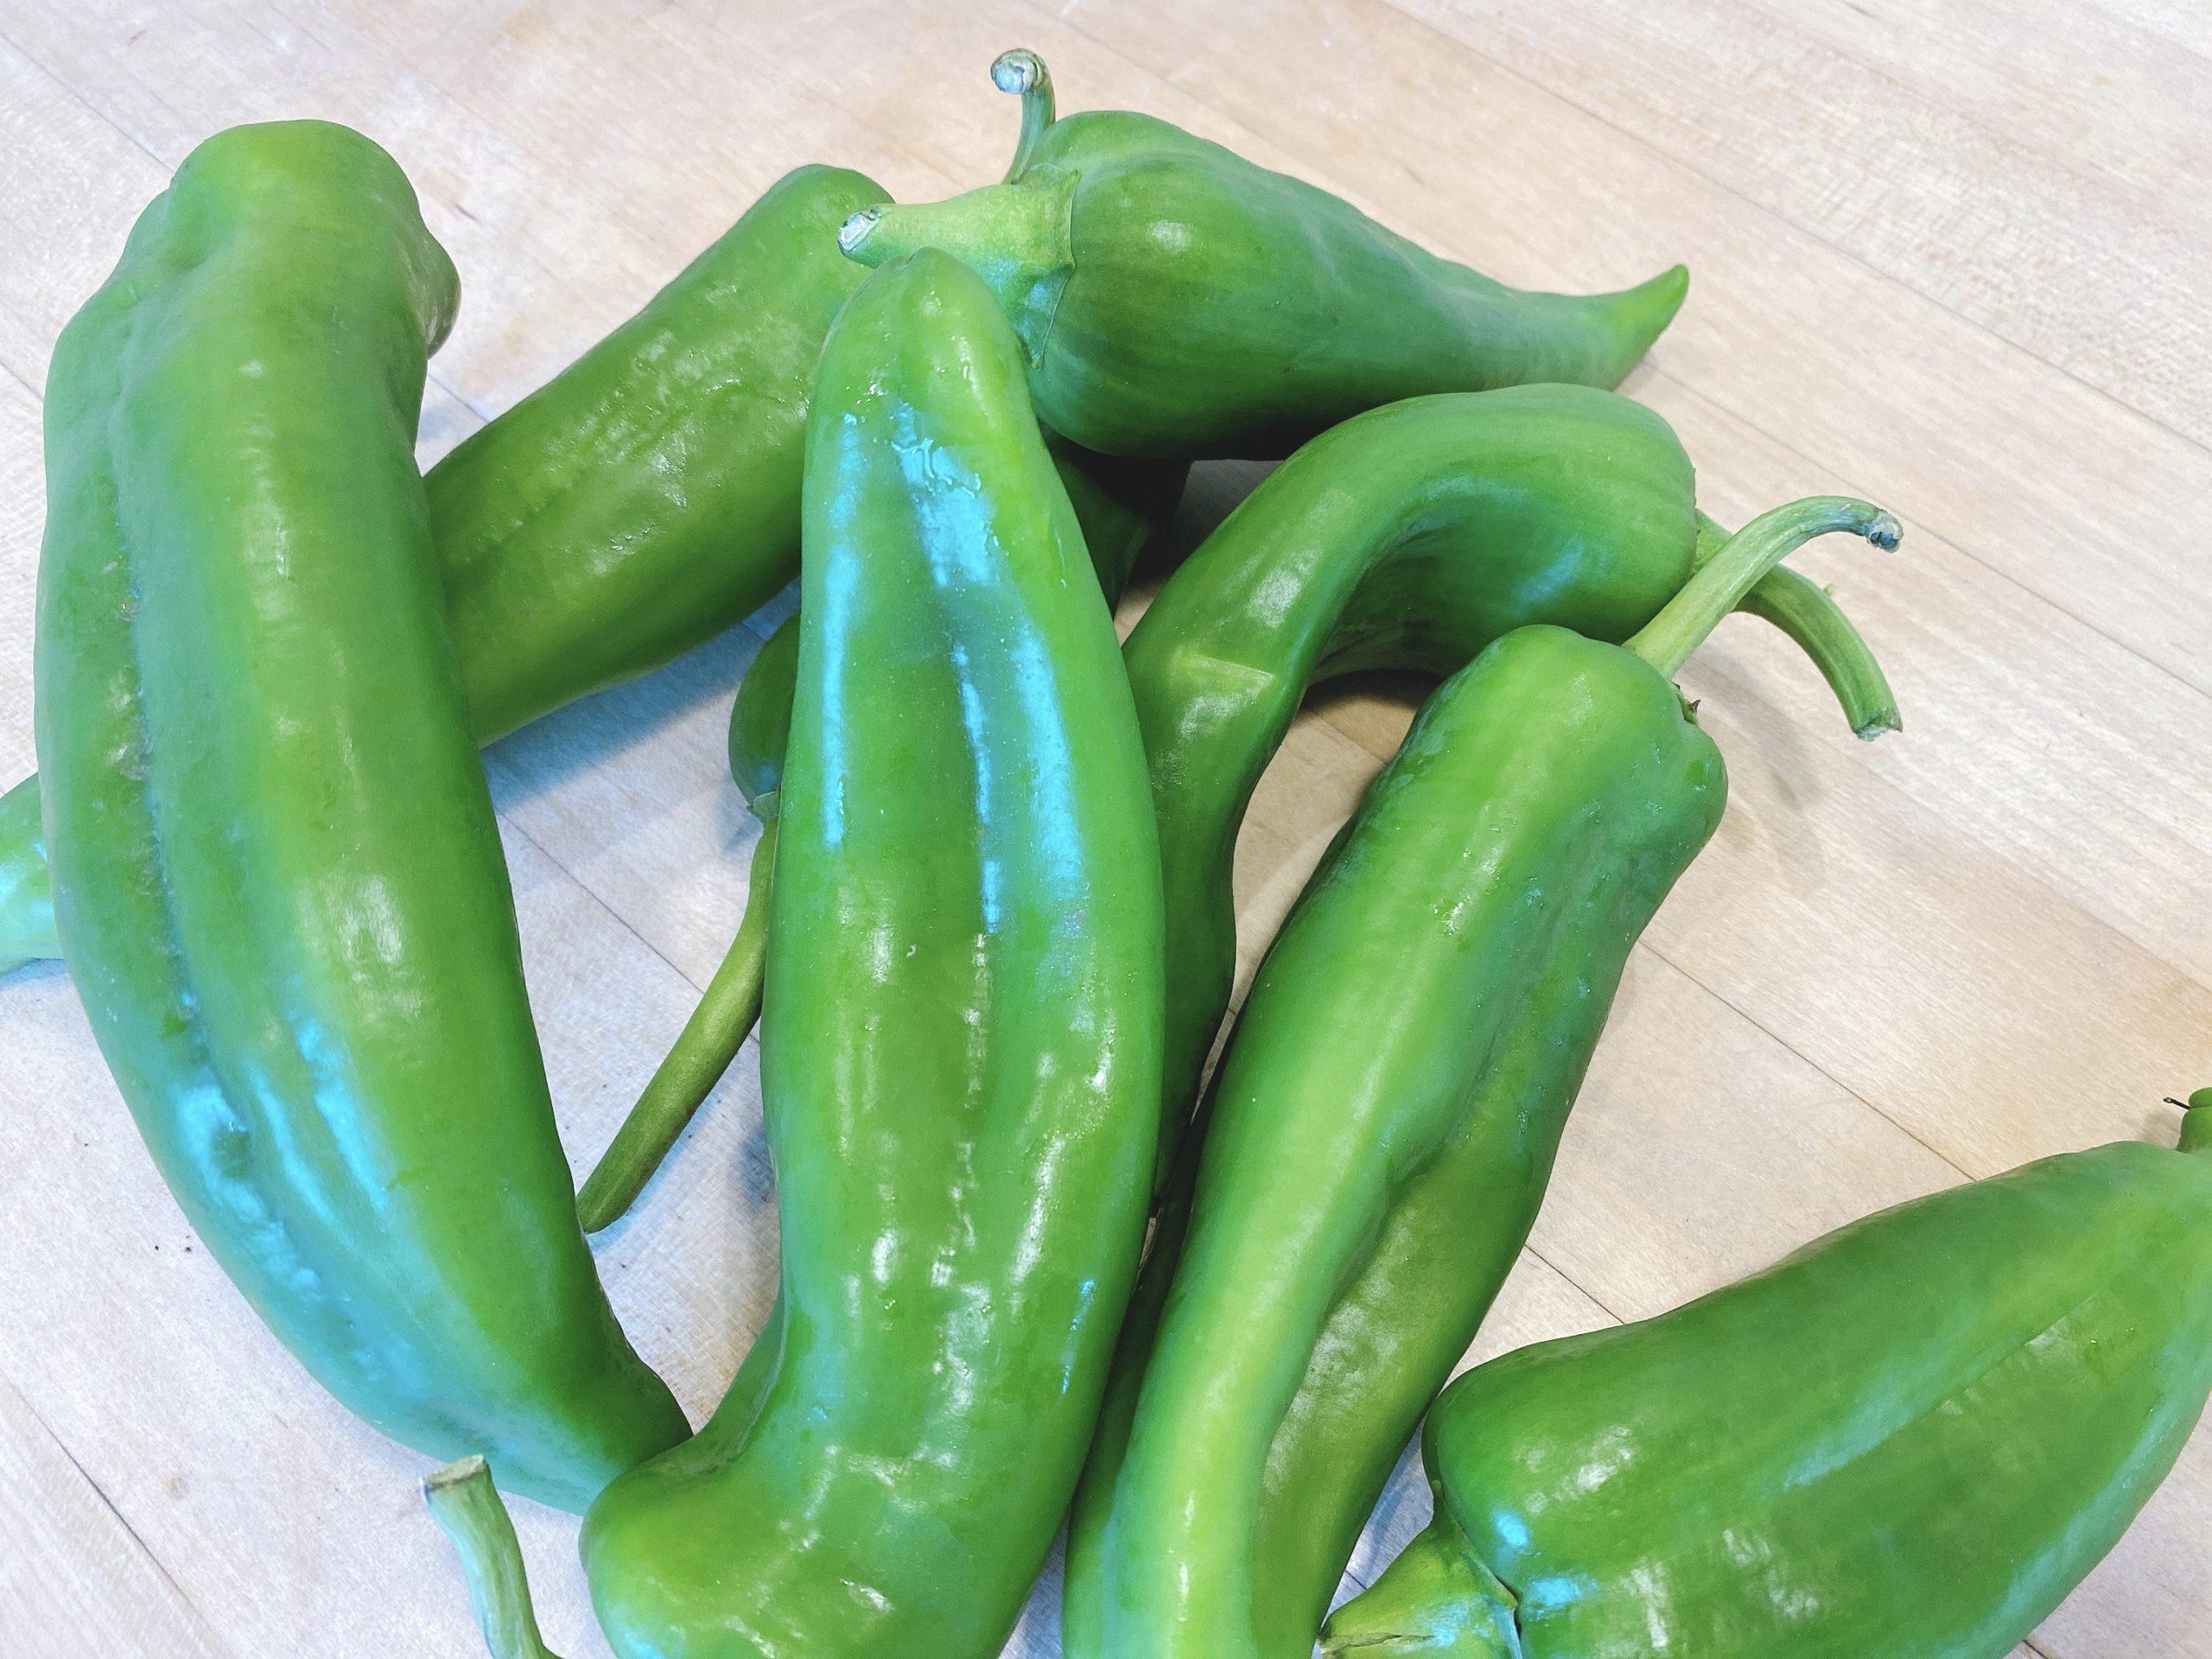 homegrown bright green anaheim chiles from a backyard garden